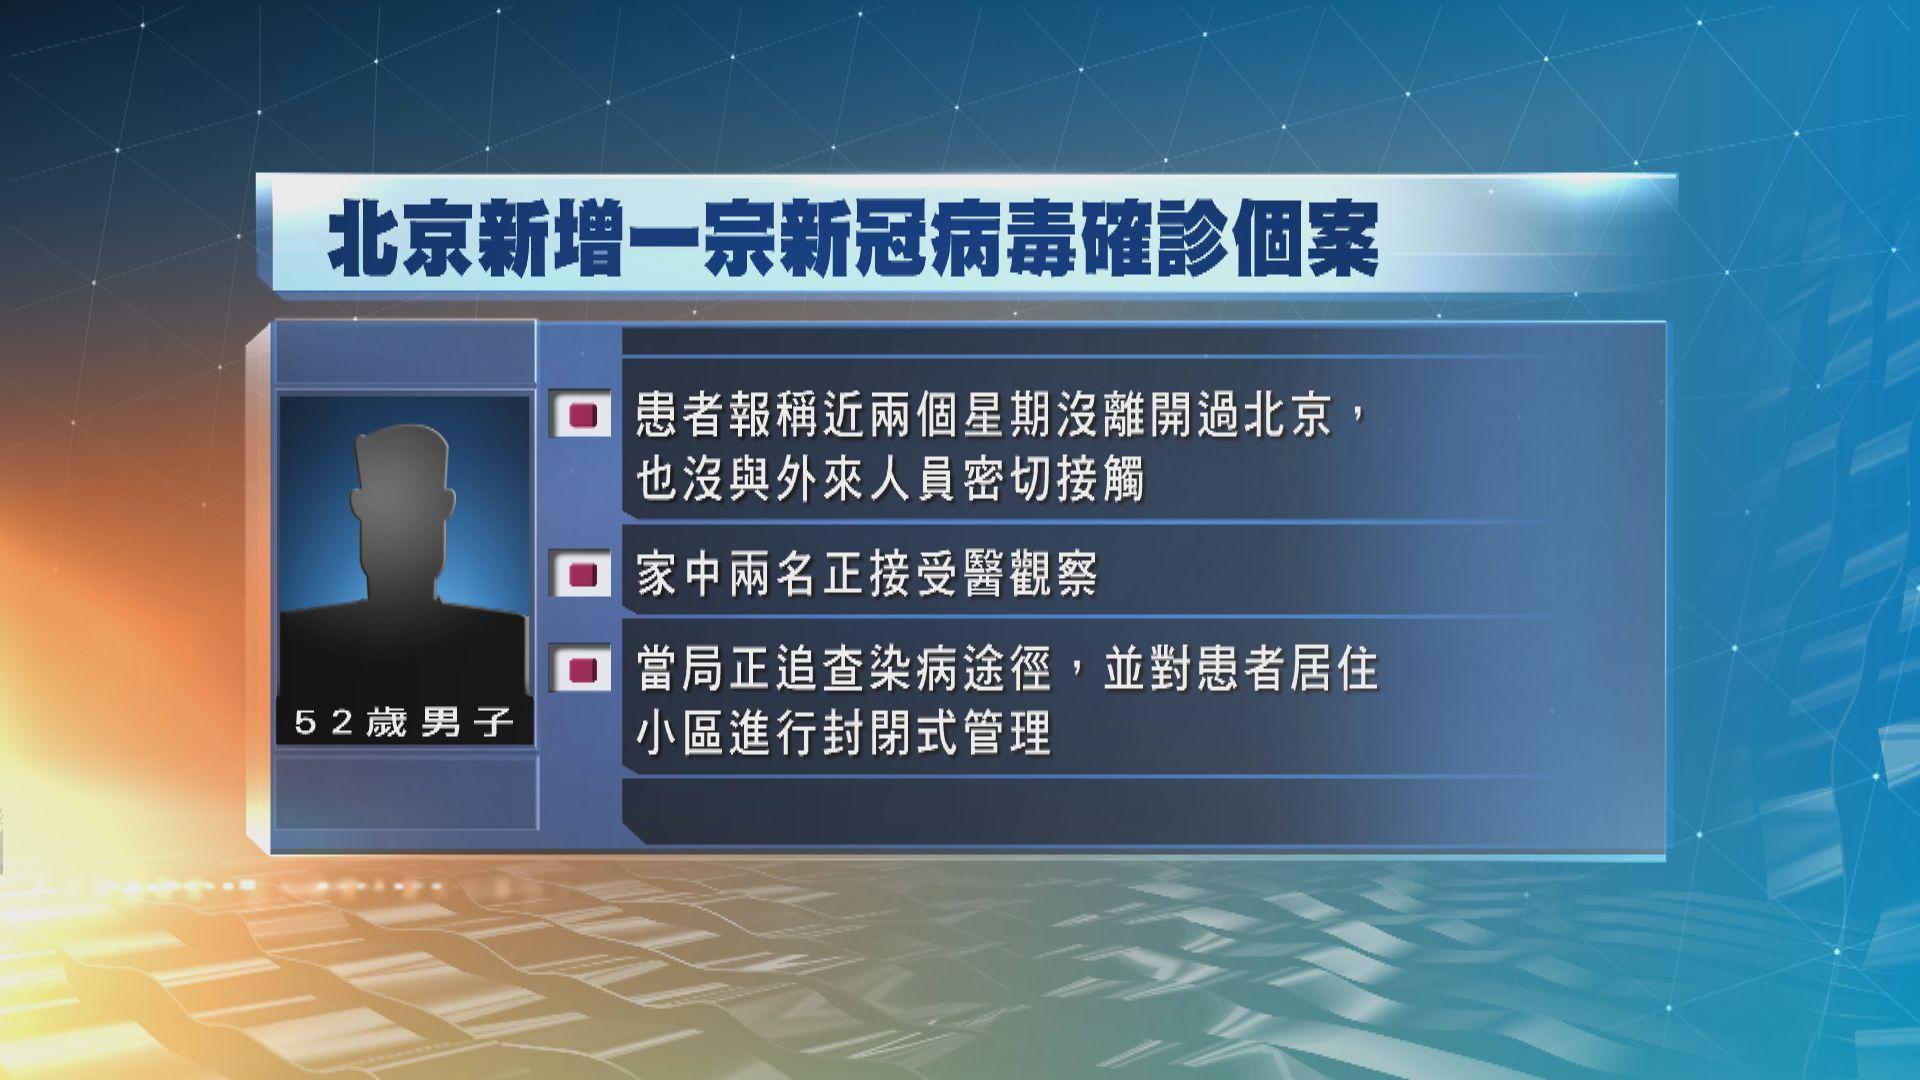 北京新增一宗確診個案 患者報稱最近兩周無離開北京